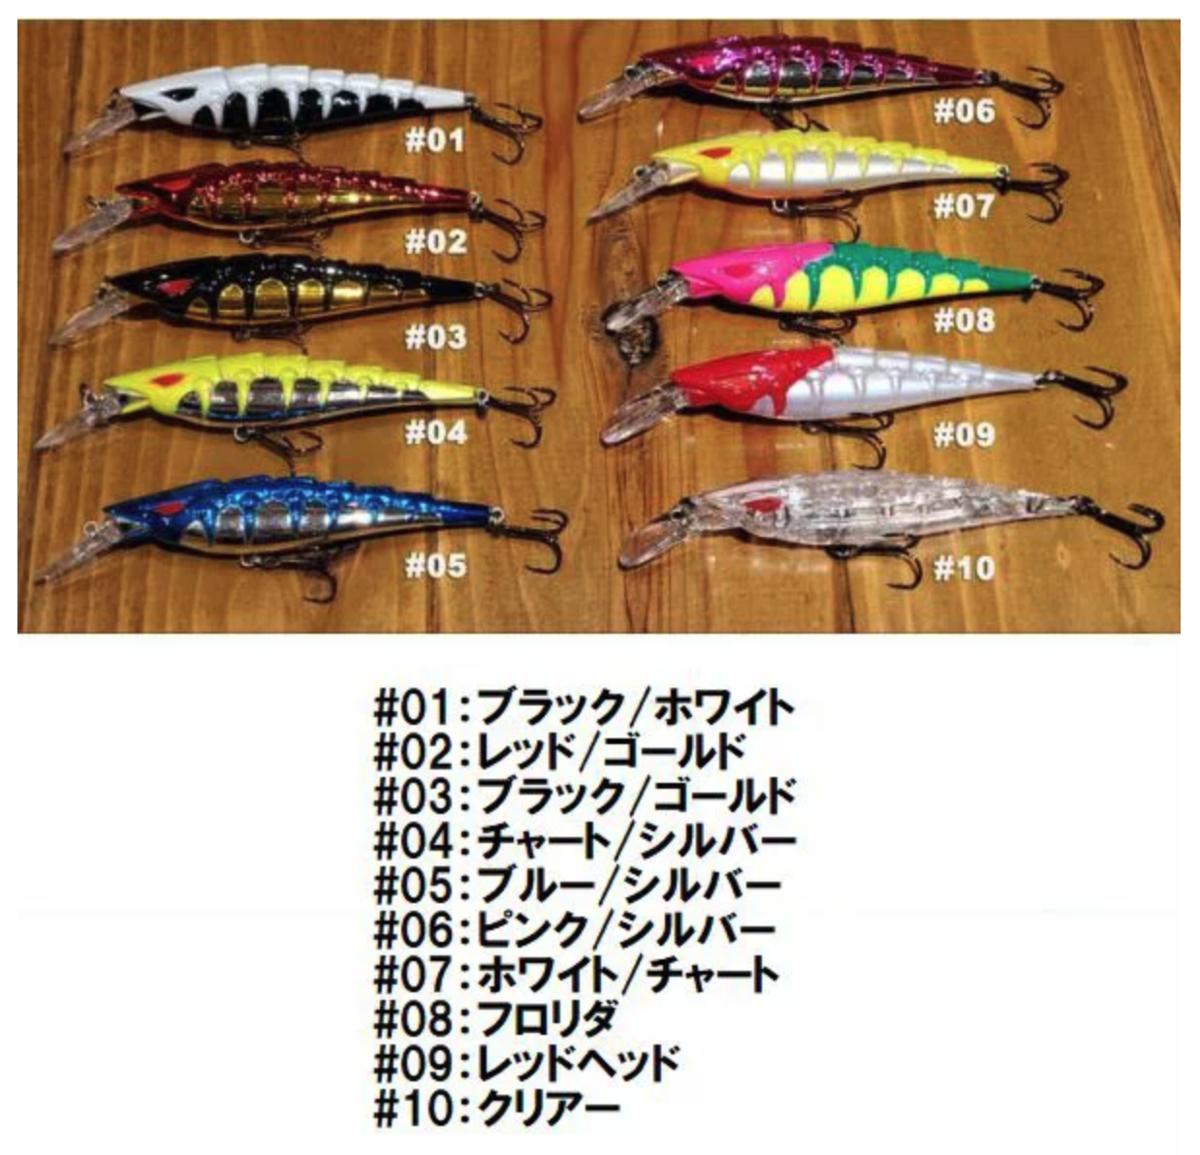 f:id:basssoku:20201018184406p:plain